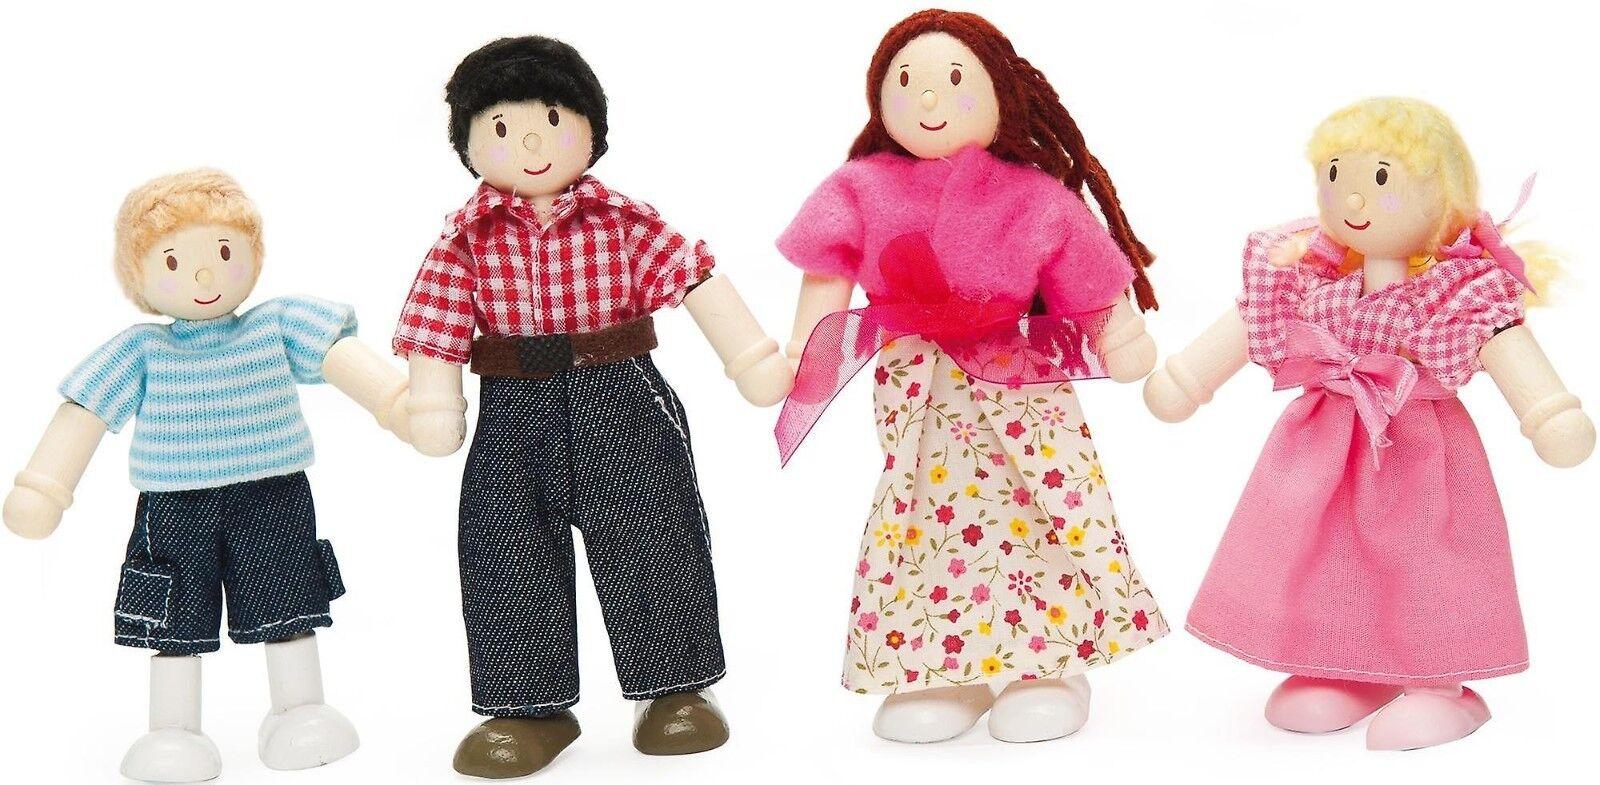 Le Toy Toy Toy Van Daisylane My Family Holzpuppen Familie Zubehör Holzspielzeug Holz Set  | Öffnen Sie das Interesse und die Innovation Ihres Kindes, aber auch die Unschuld von Kindern, kindlich, glücklich  388cc8